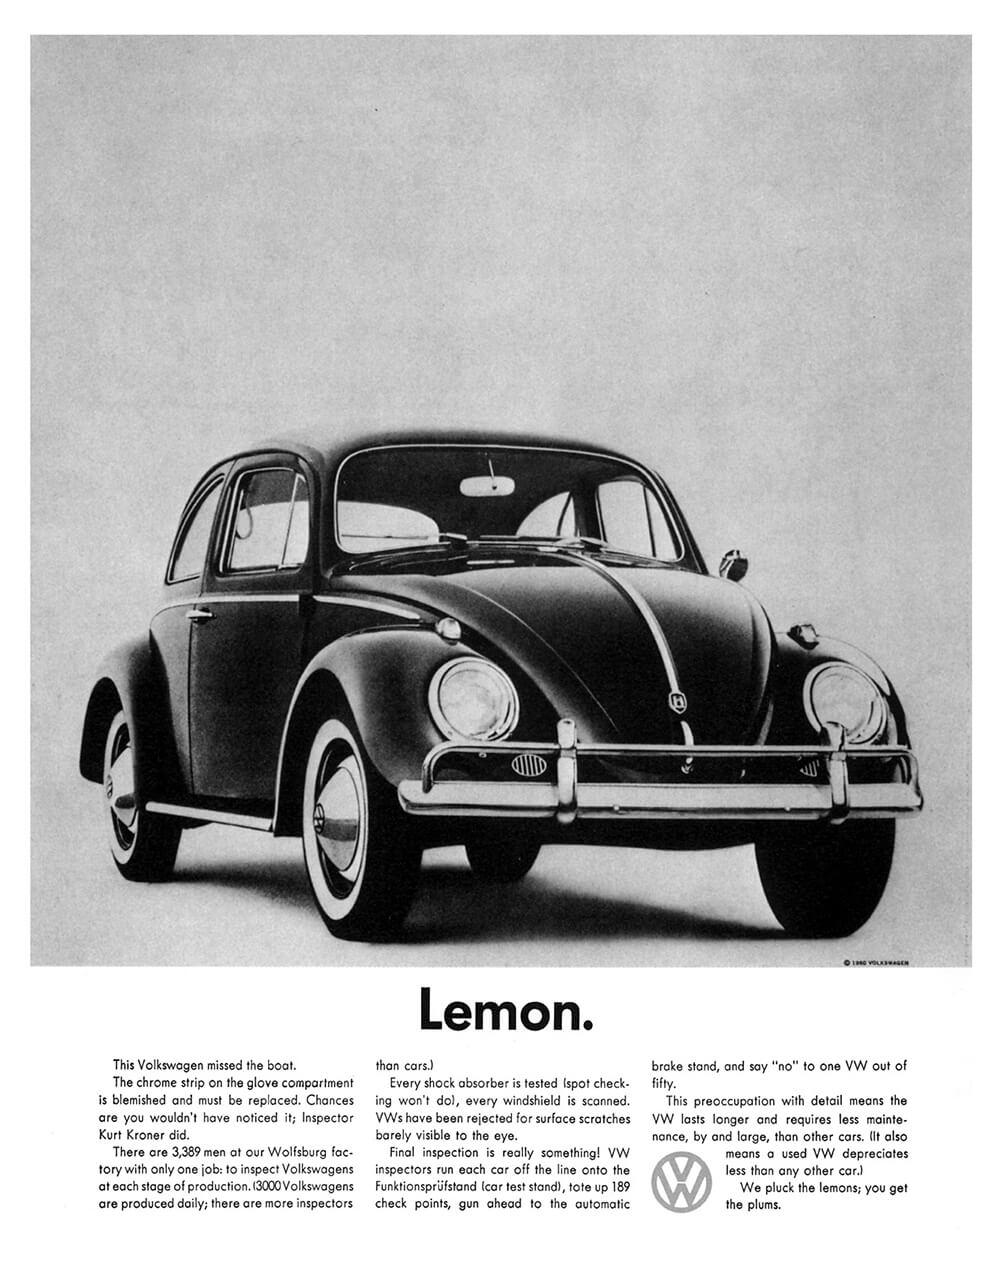 Volkswagen Lemon Vintage Car Ad